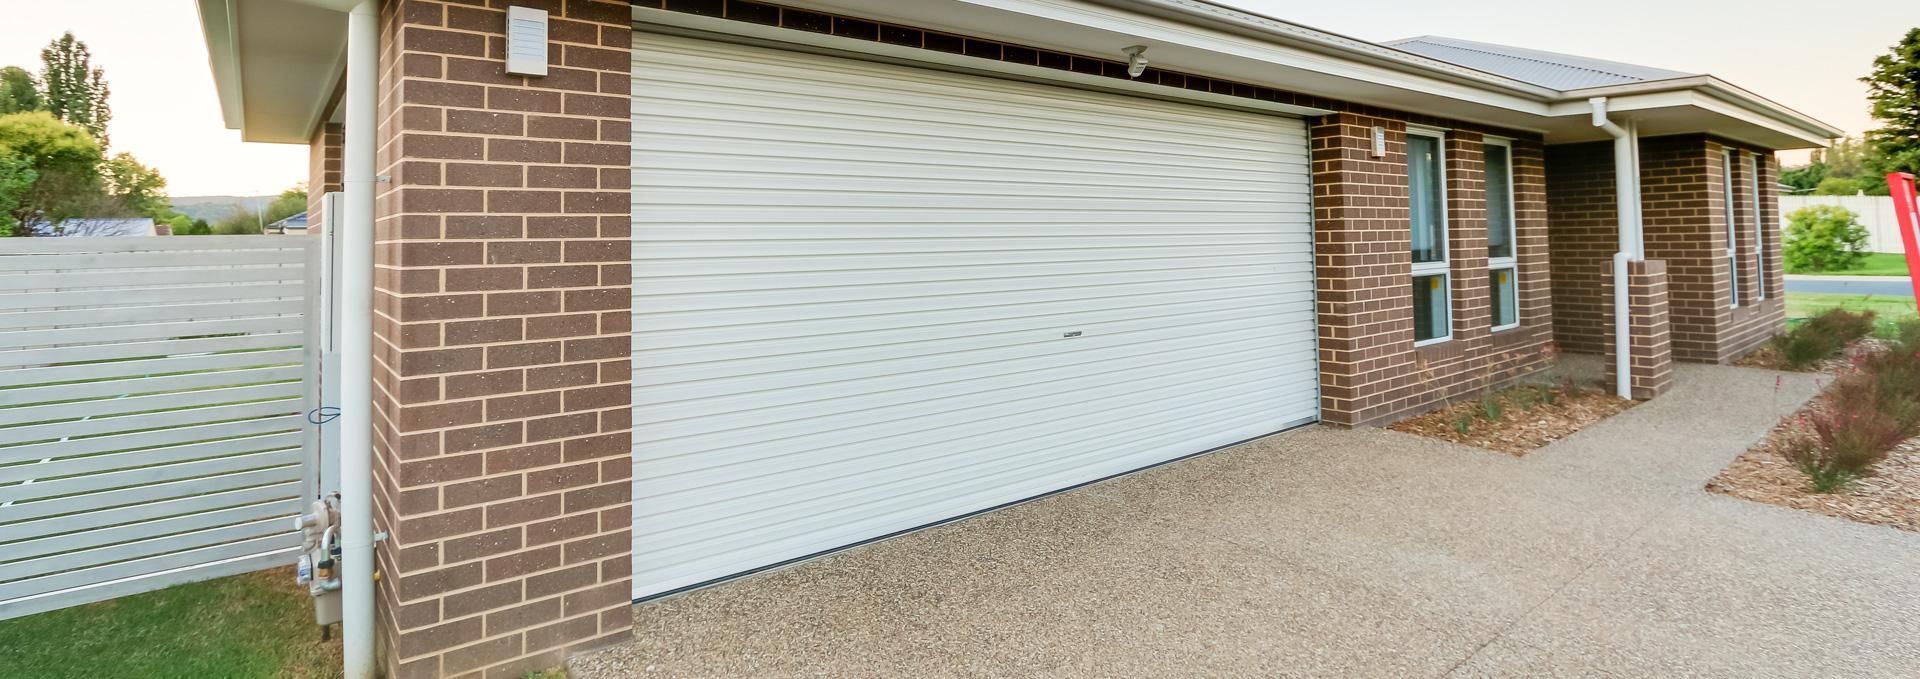 ... Taurean Door Systems & Taurean Door Systems | Albury Wodonga Installation \u0026 Repairs ...